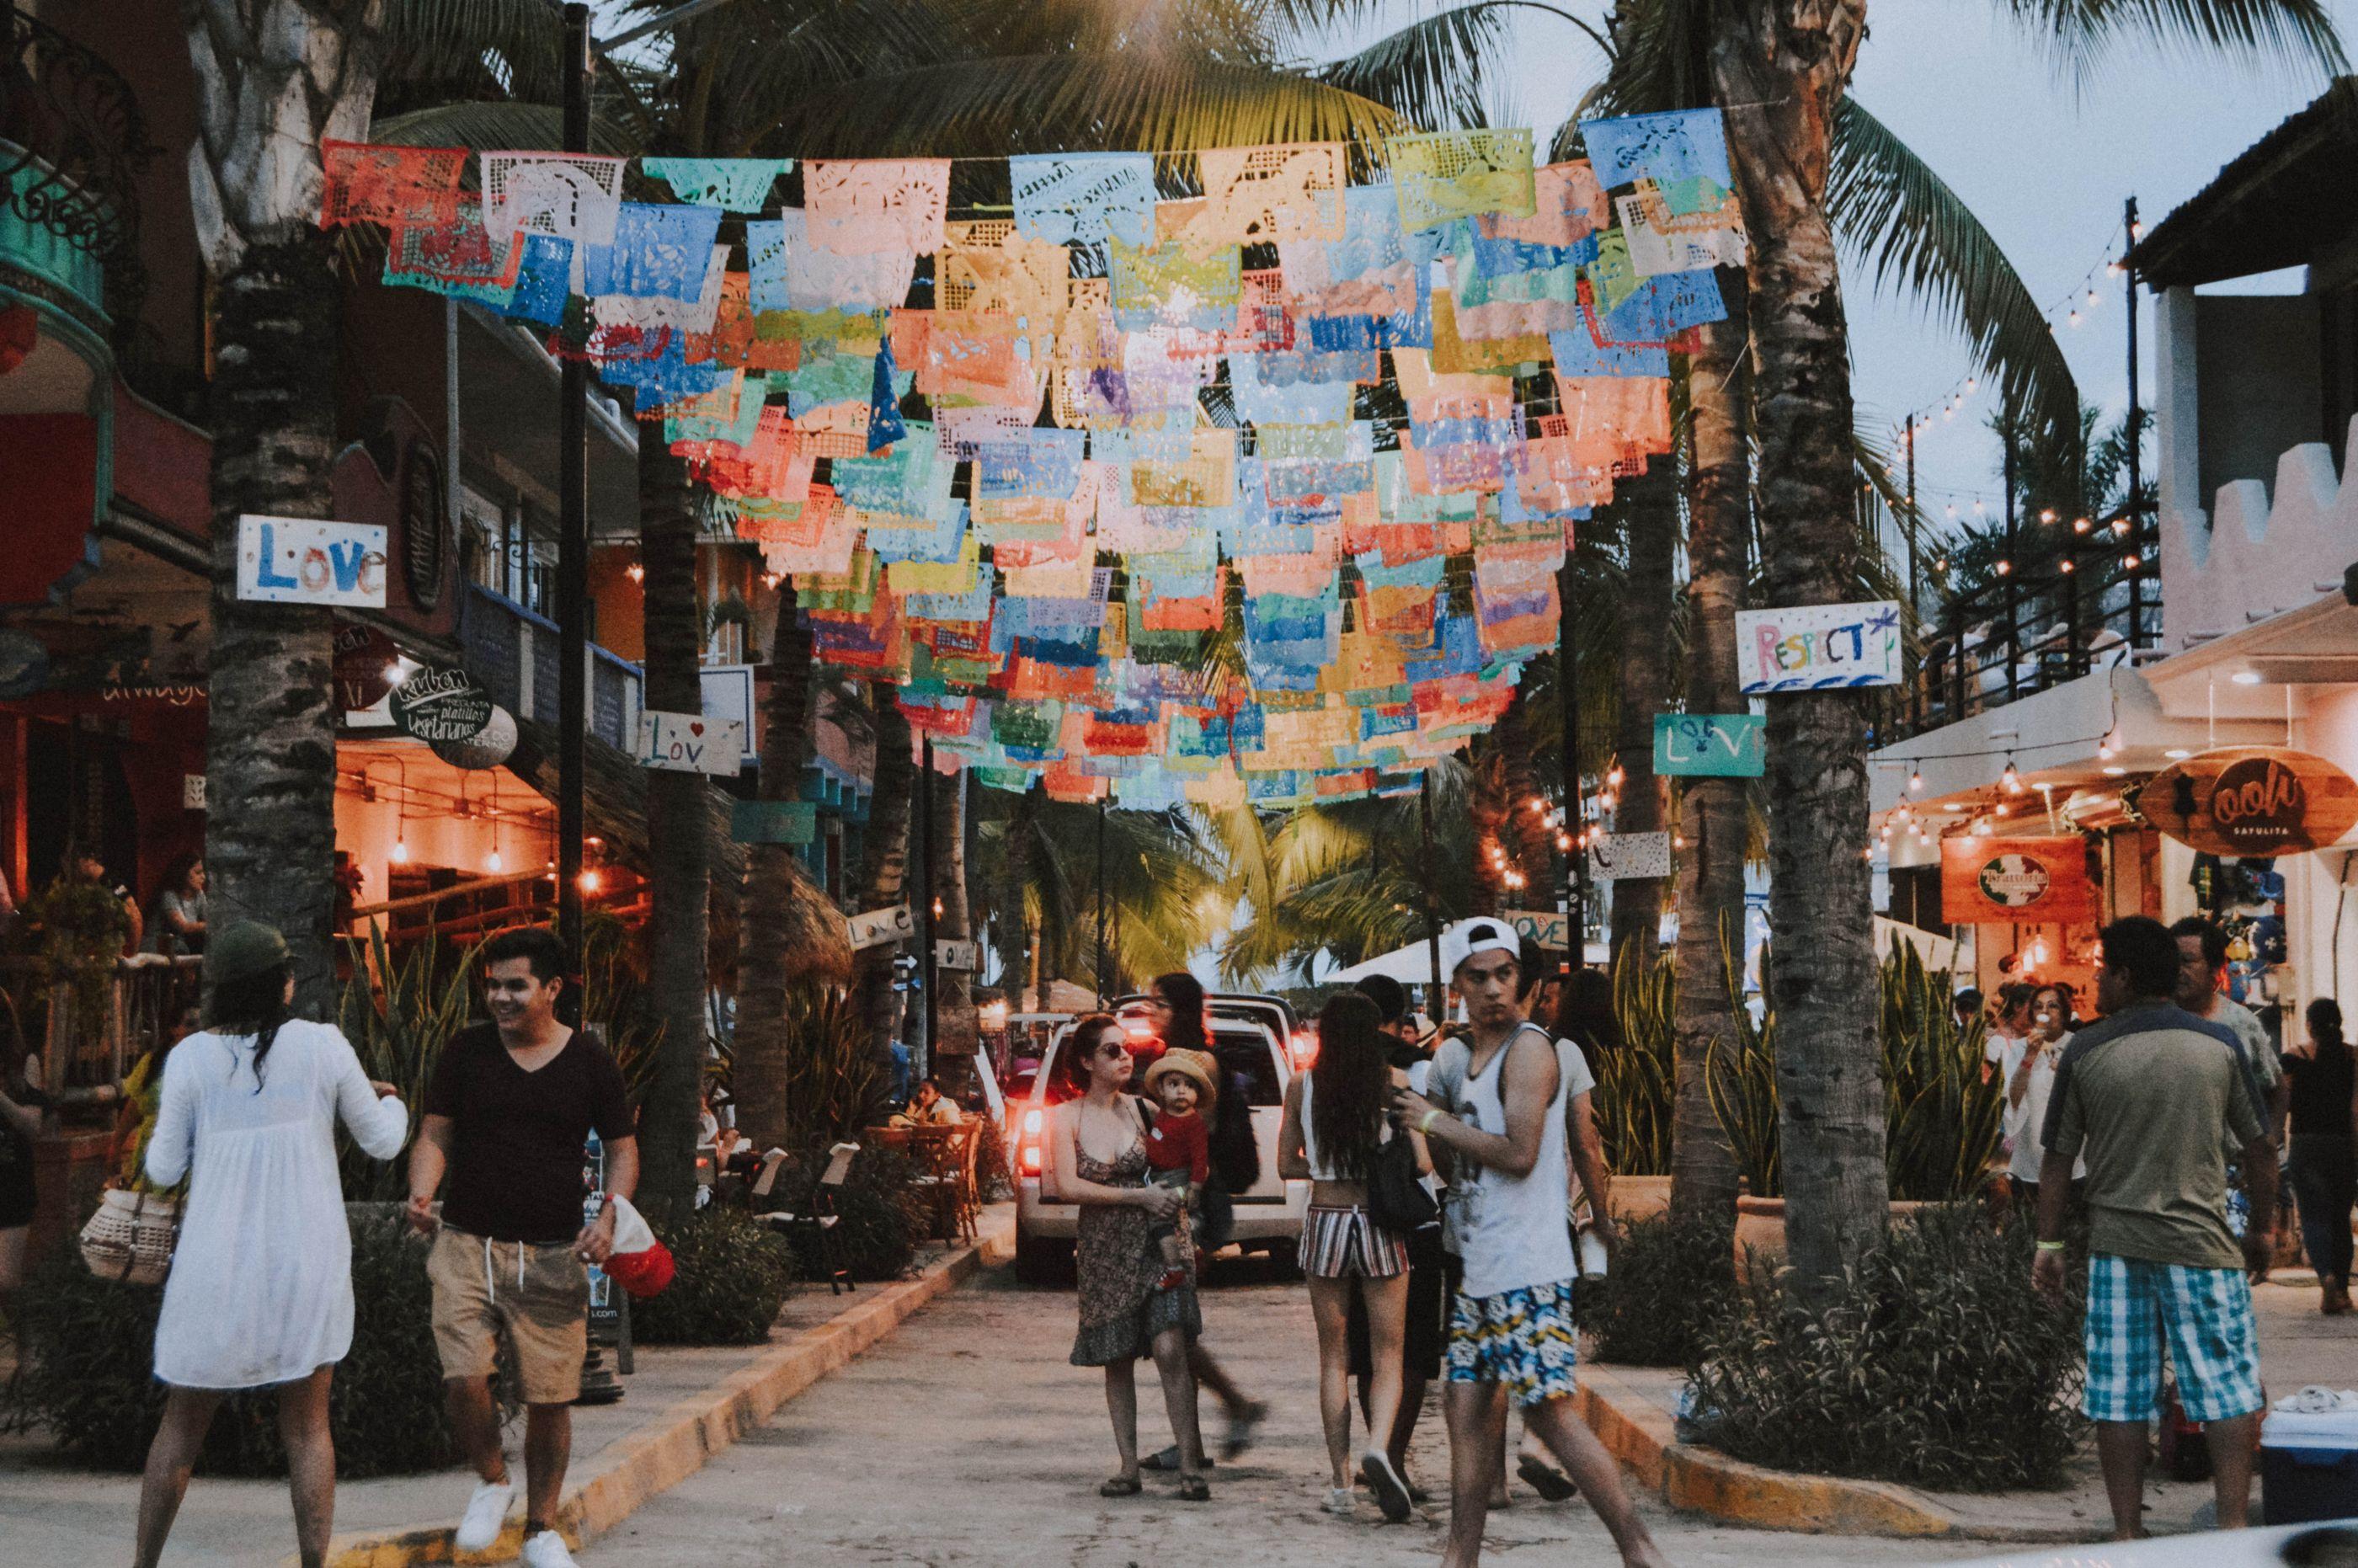 8 pueblos mágicos que querrás visitar después de la cuarentena (pintorescos y encantadores)